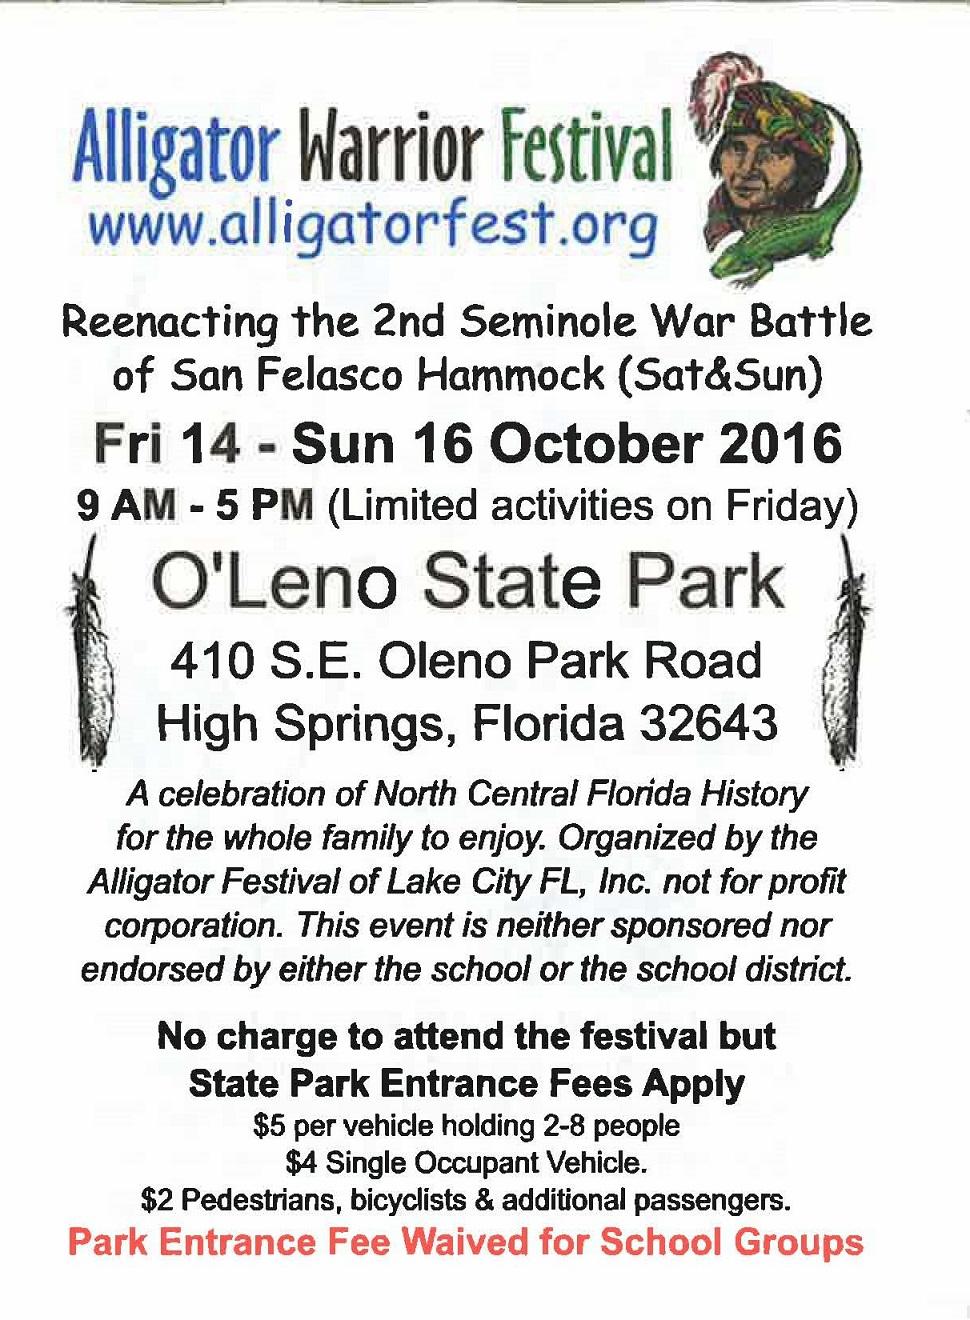 Alligator Warrior Festival